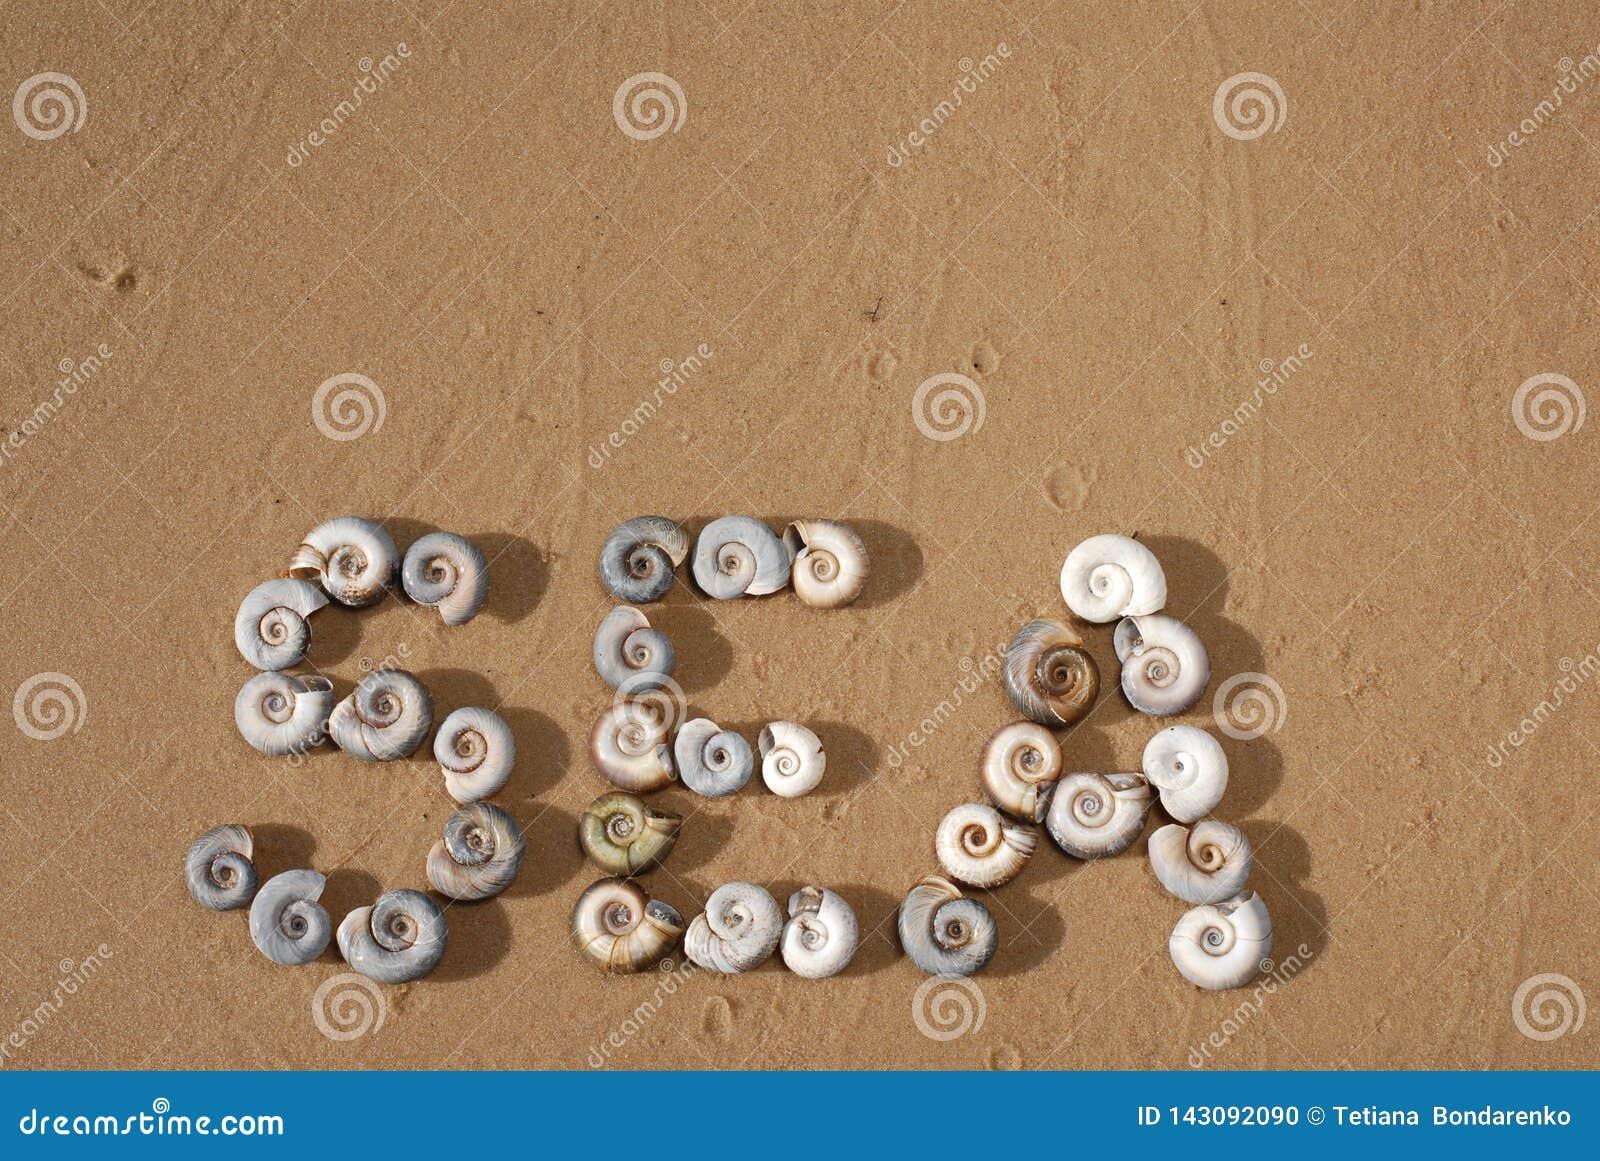 A inscrição 'mar 'é escrita pelo shellson pequeno do mar a areia amarela